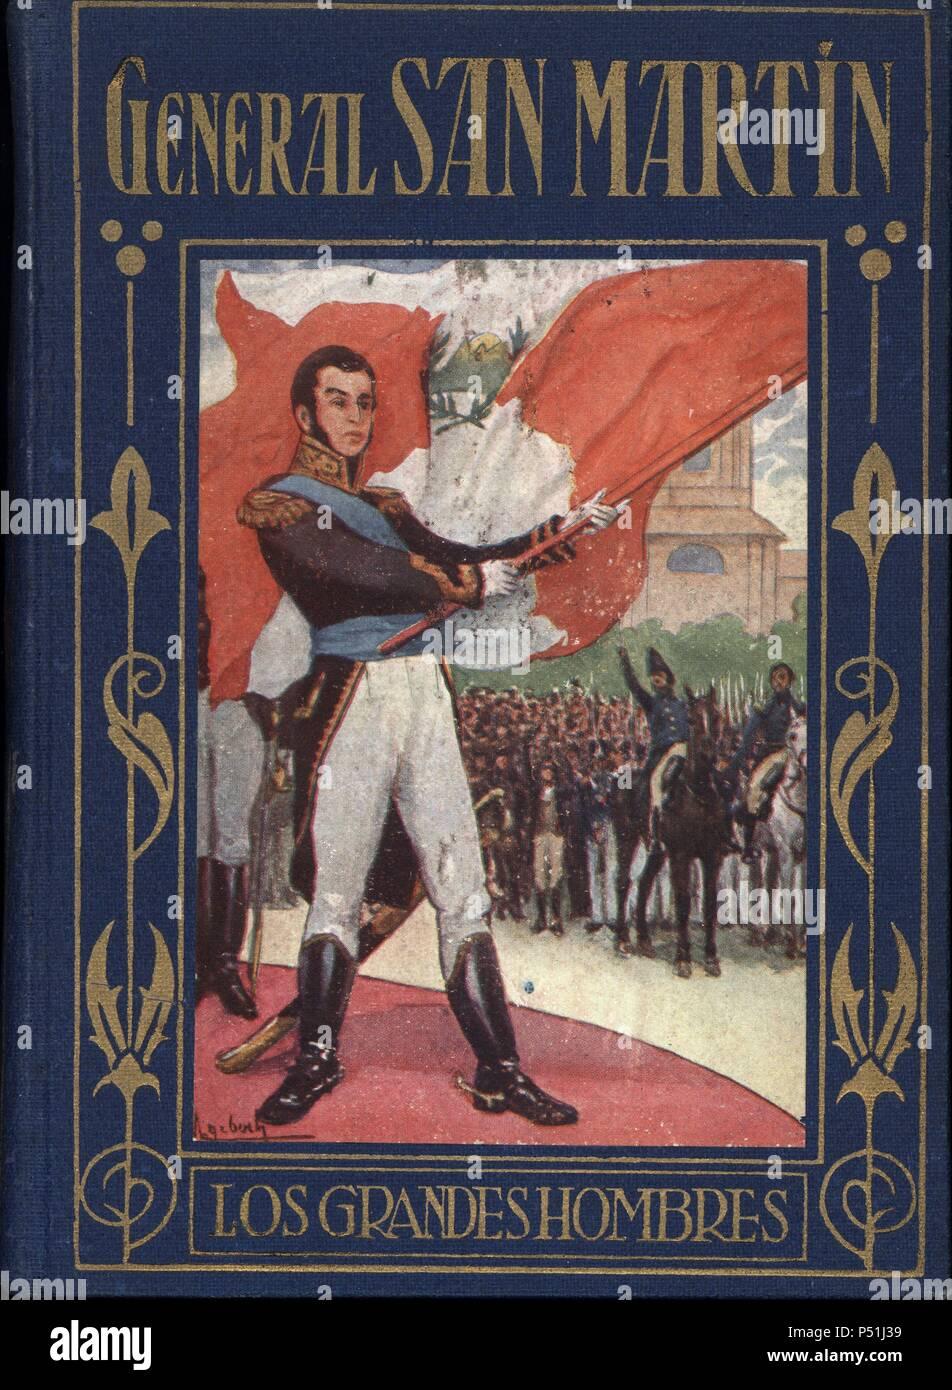 Portada del libro 'General San Martín', por B. González Arrili, de la serie Los Grandes Hombres, editorial Araluce. Barcelona, 1932. - Stock Image